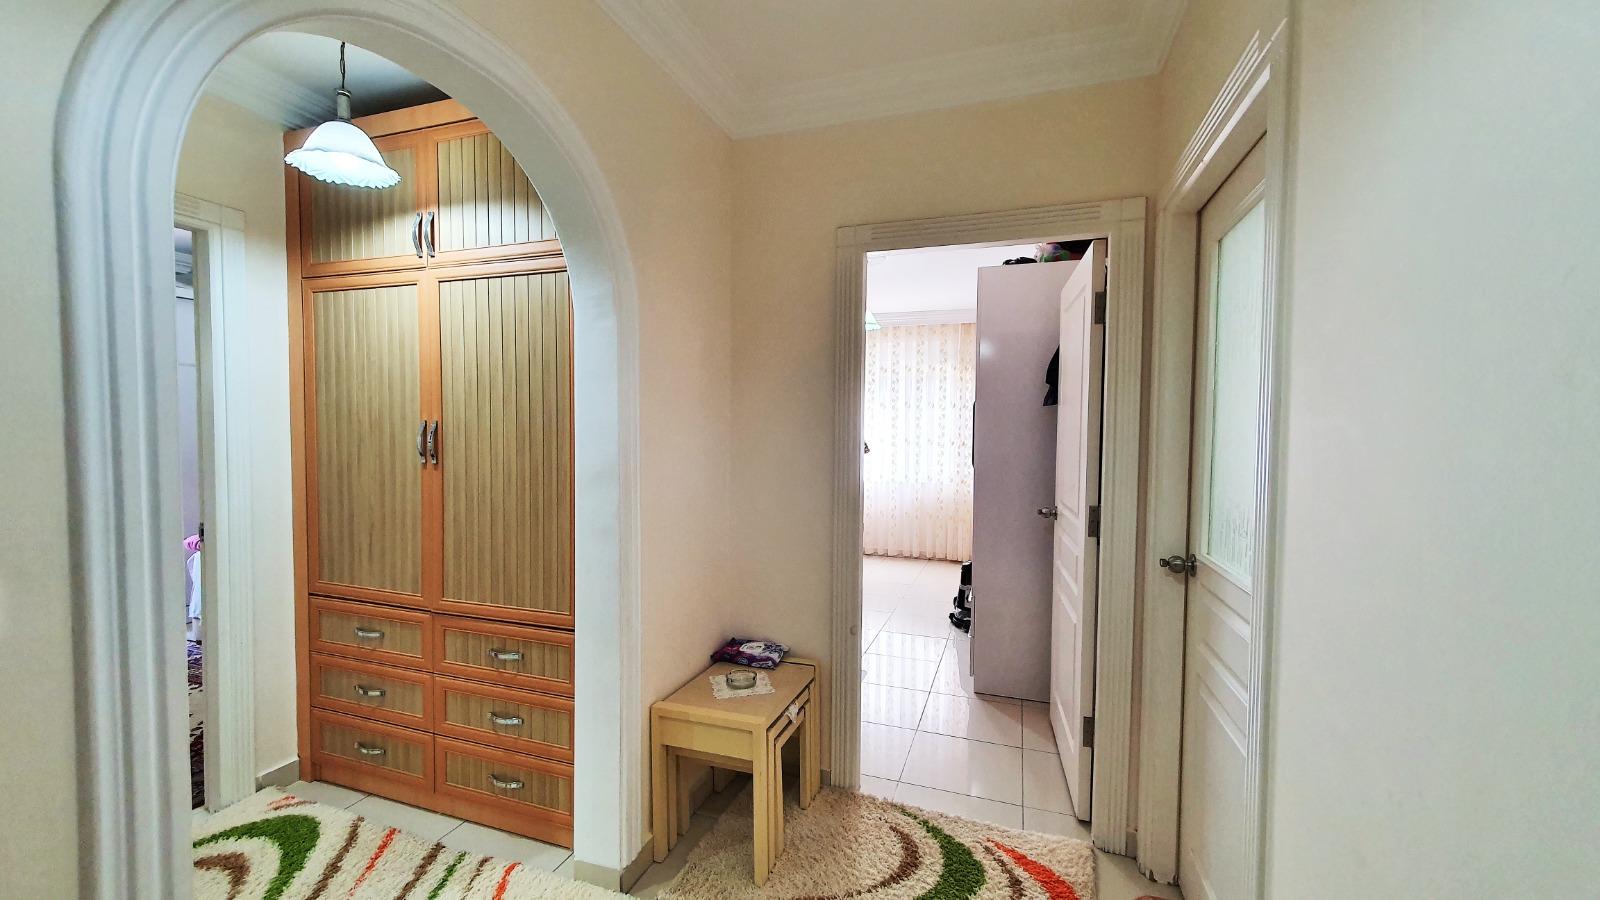 Квартира 2+1 в районе Махмутлар - Фото 7